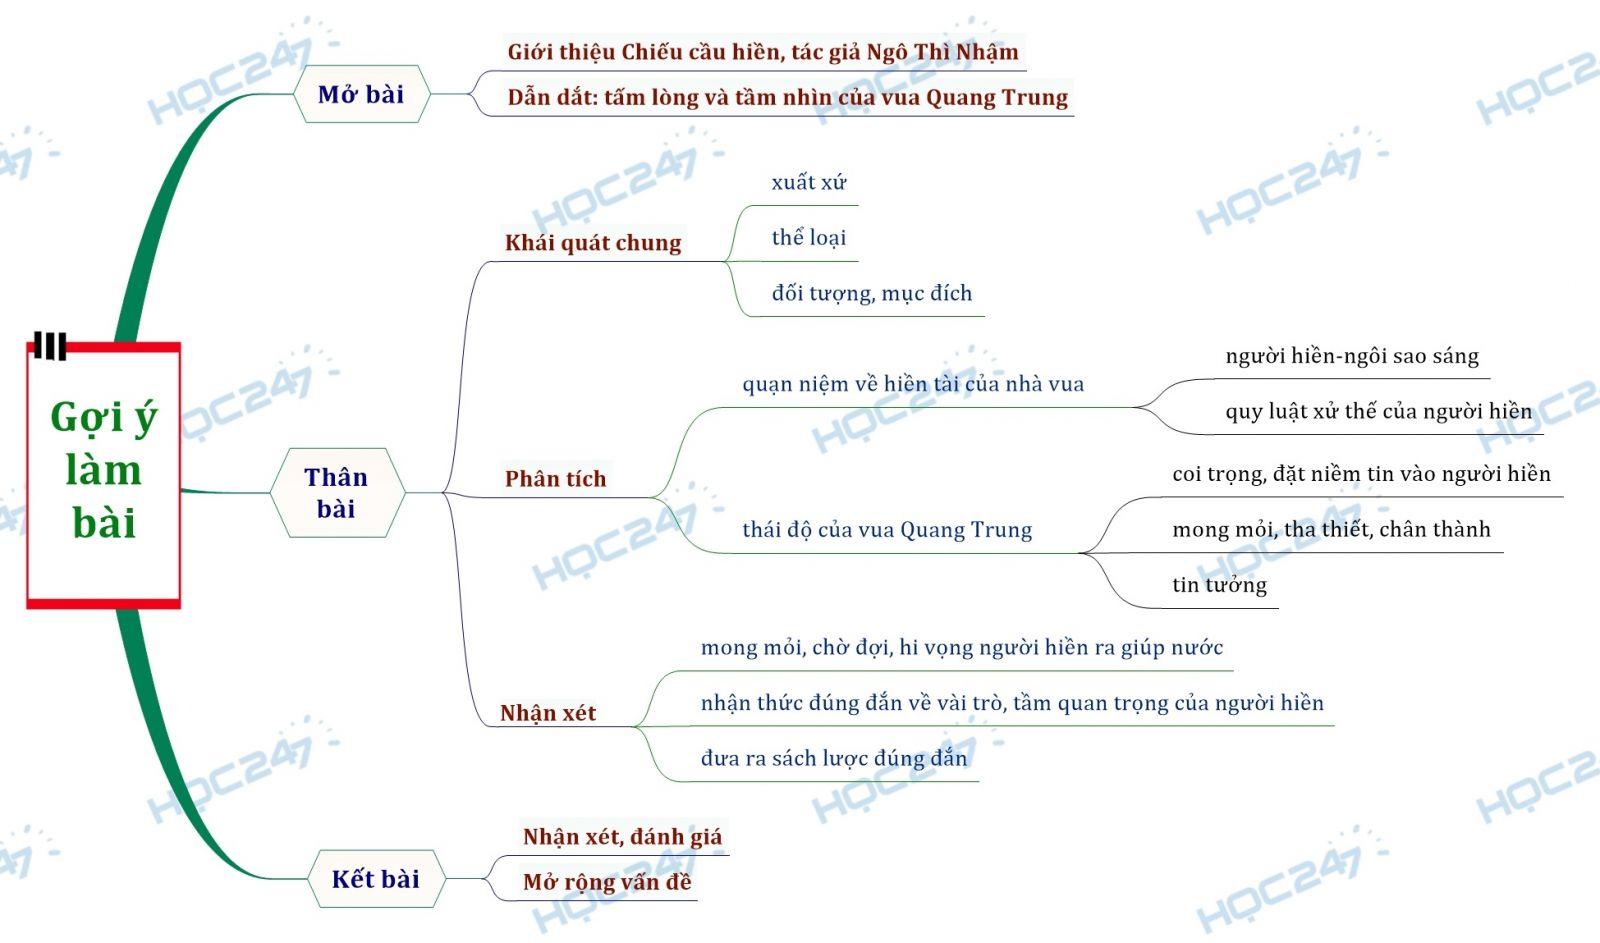 Sơ đồ tư duy tấm lòng vua Quang Trung qua Chiếu cầu hiền của Ngô Thì Nhậm